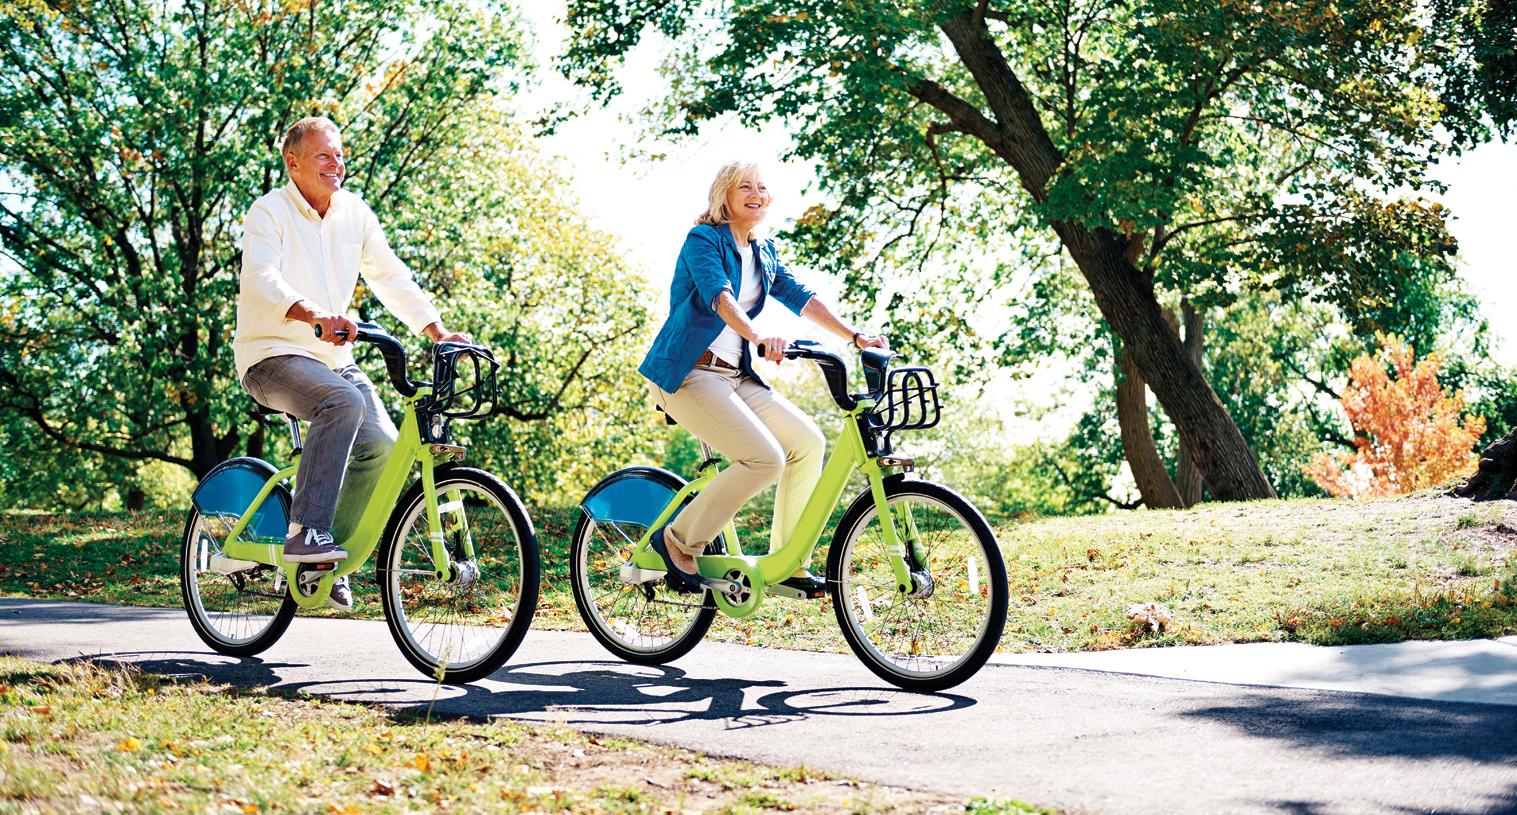 Regency at Creekside has miles of walking and biking paths.